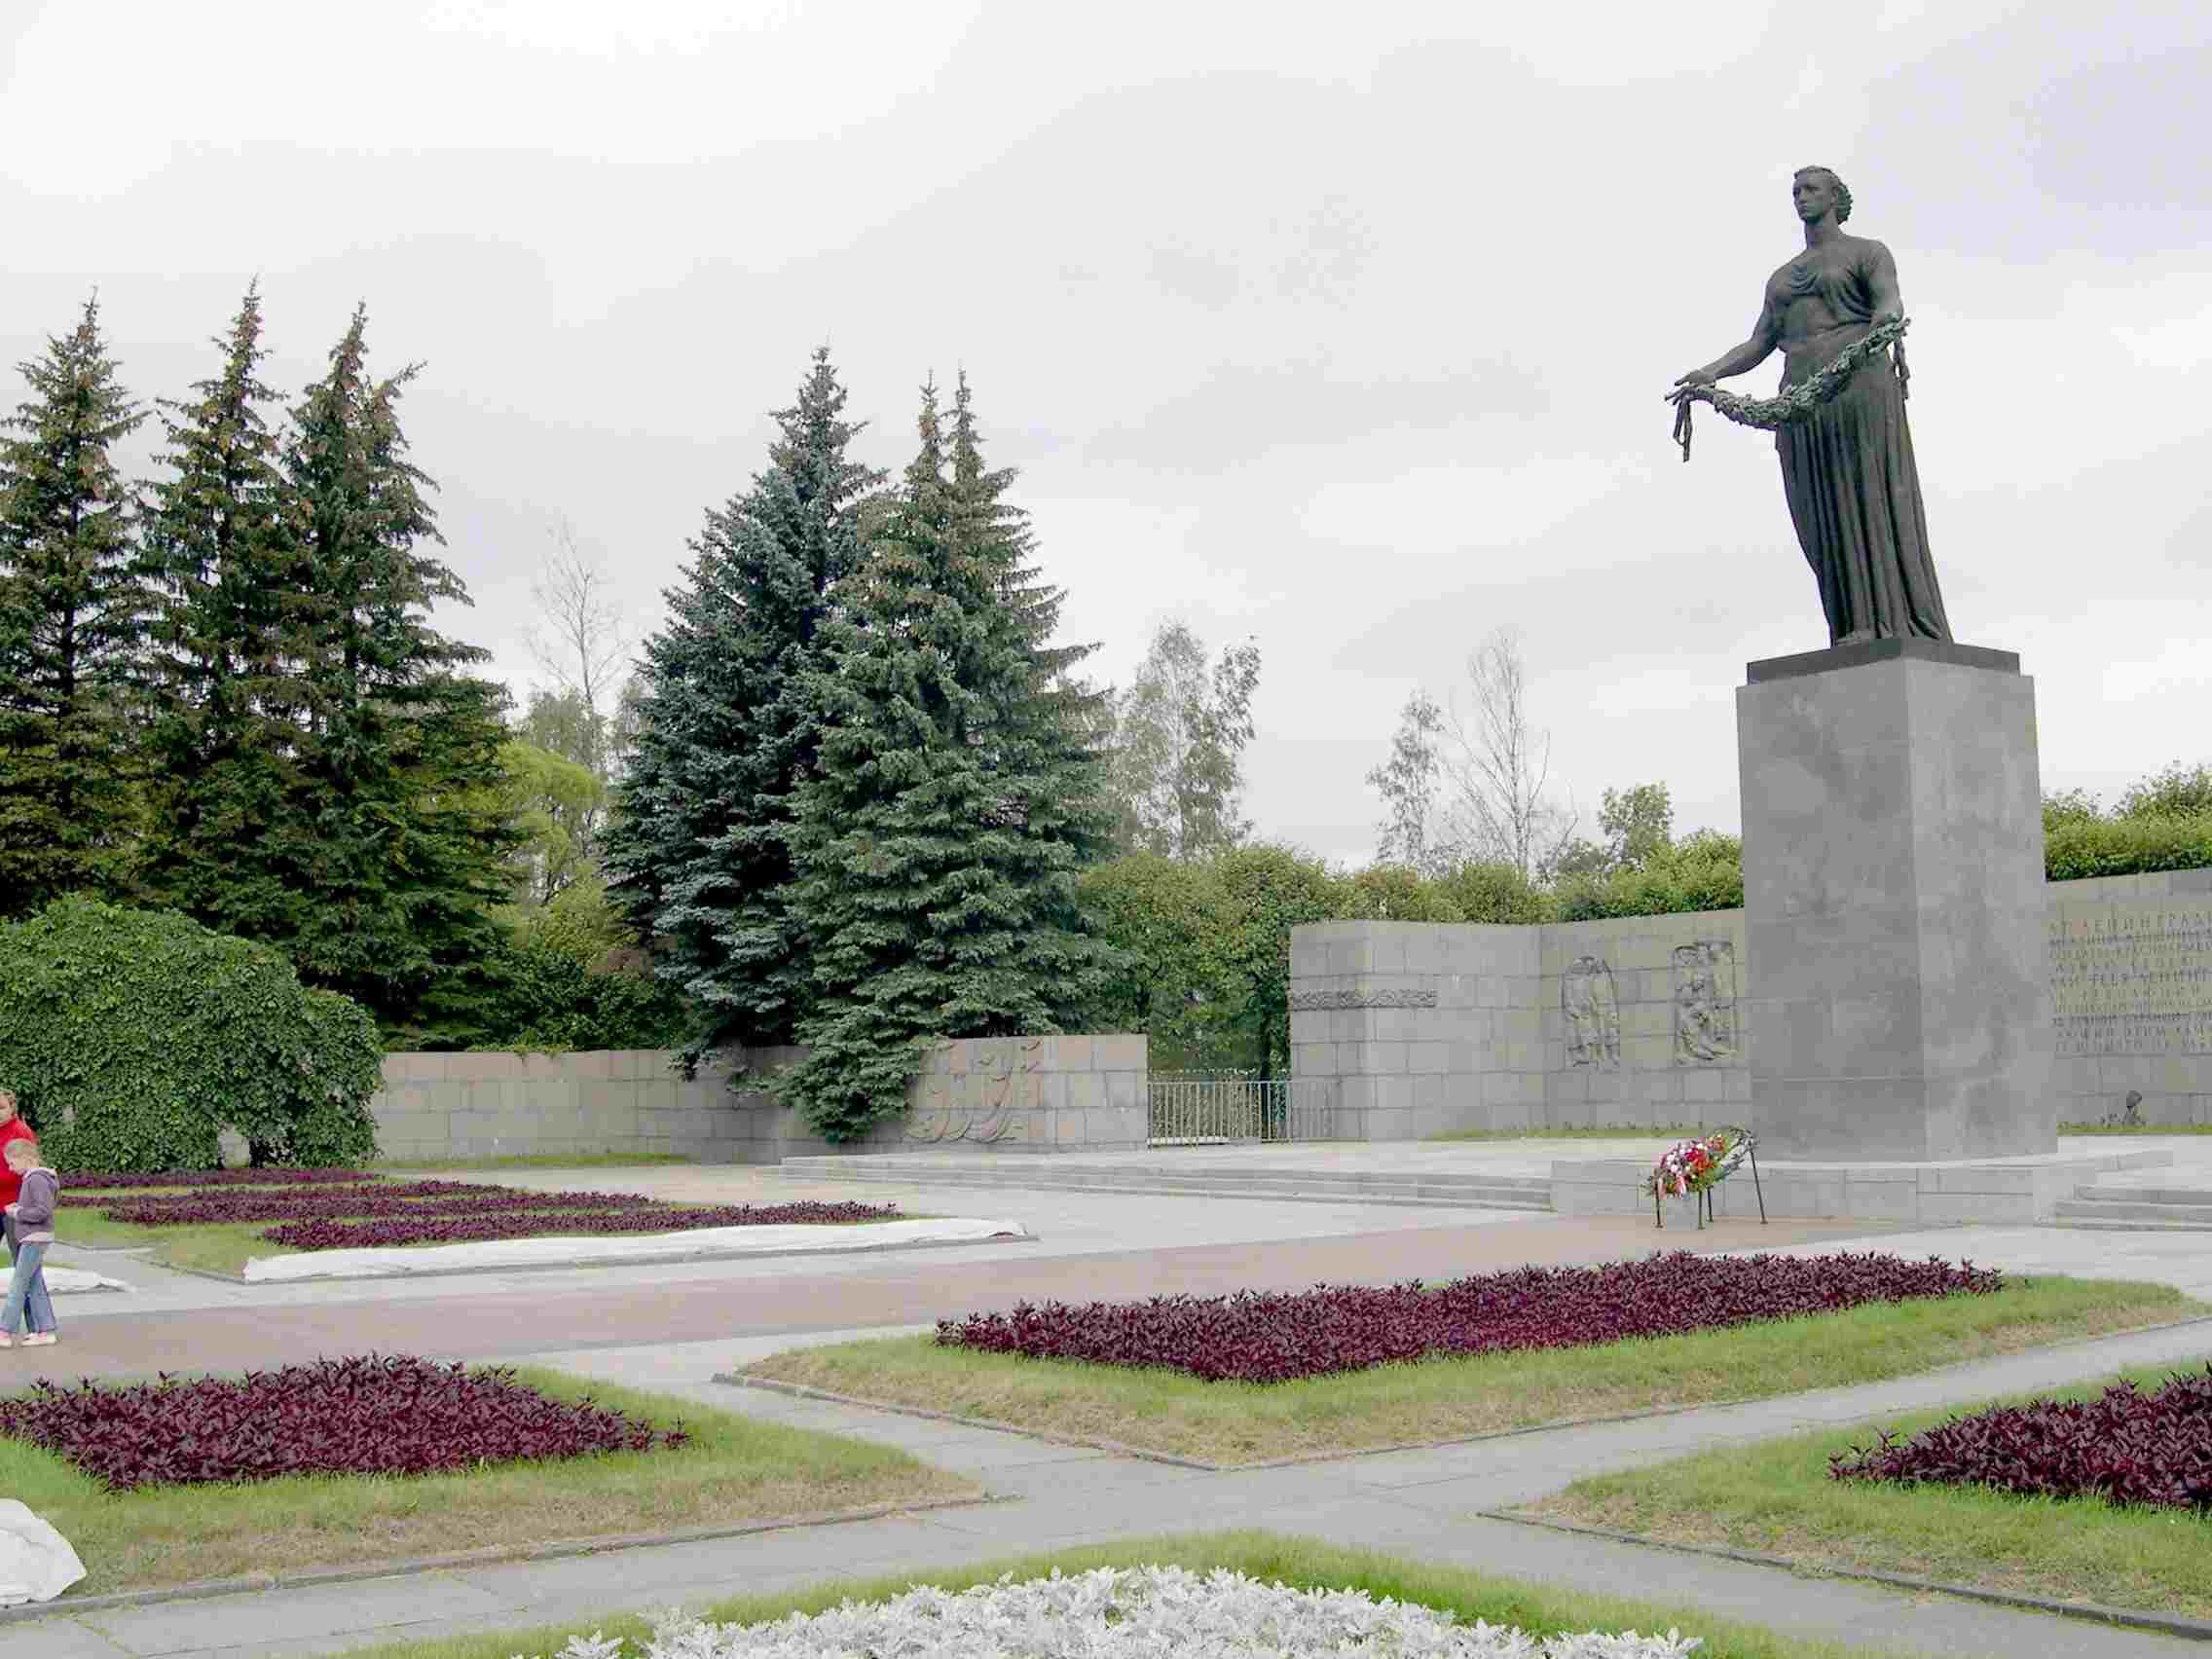 La Llama Eterna en el cementerio de Piskarevskoye que recuerda el sitio de Leningrado será restaurada en San Petersburgo